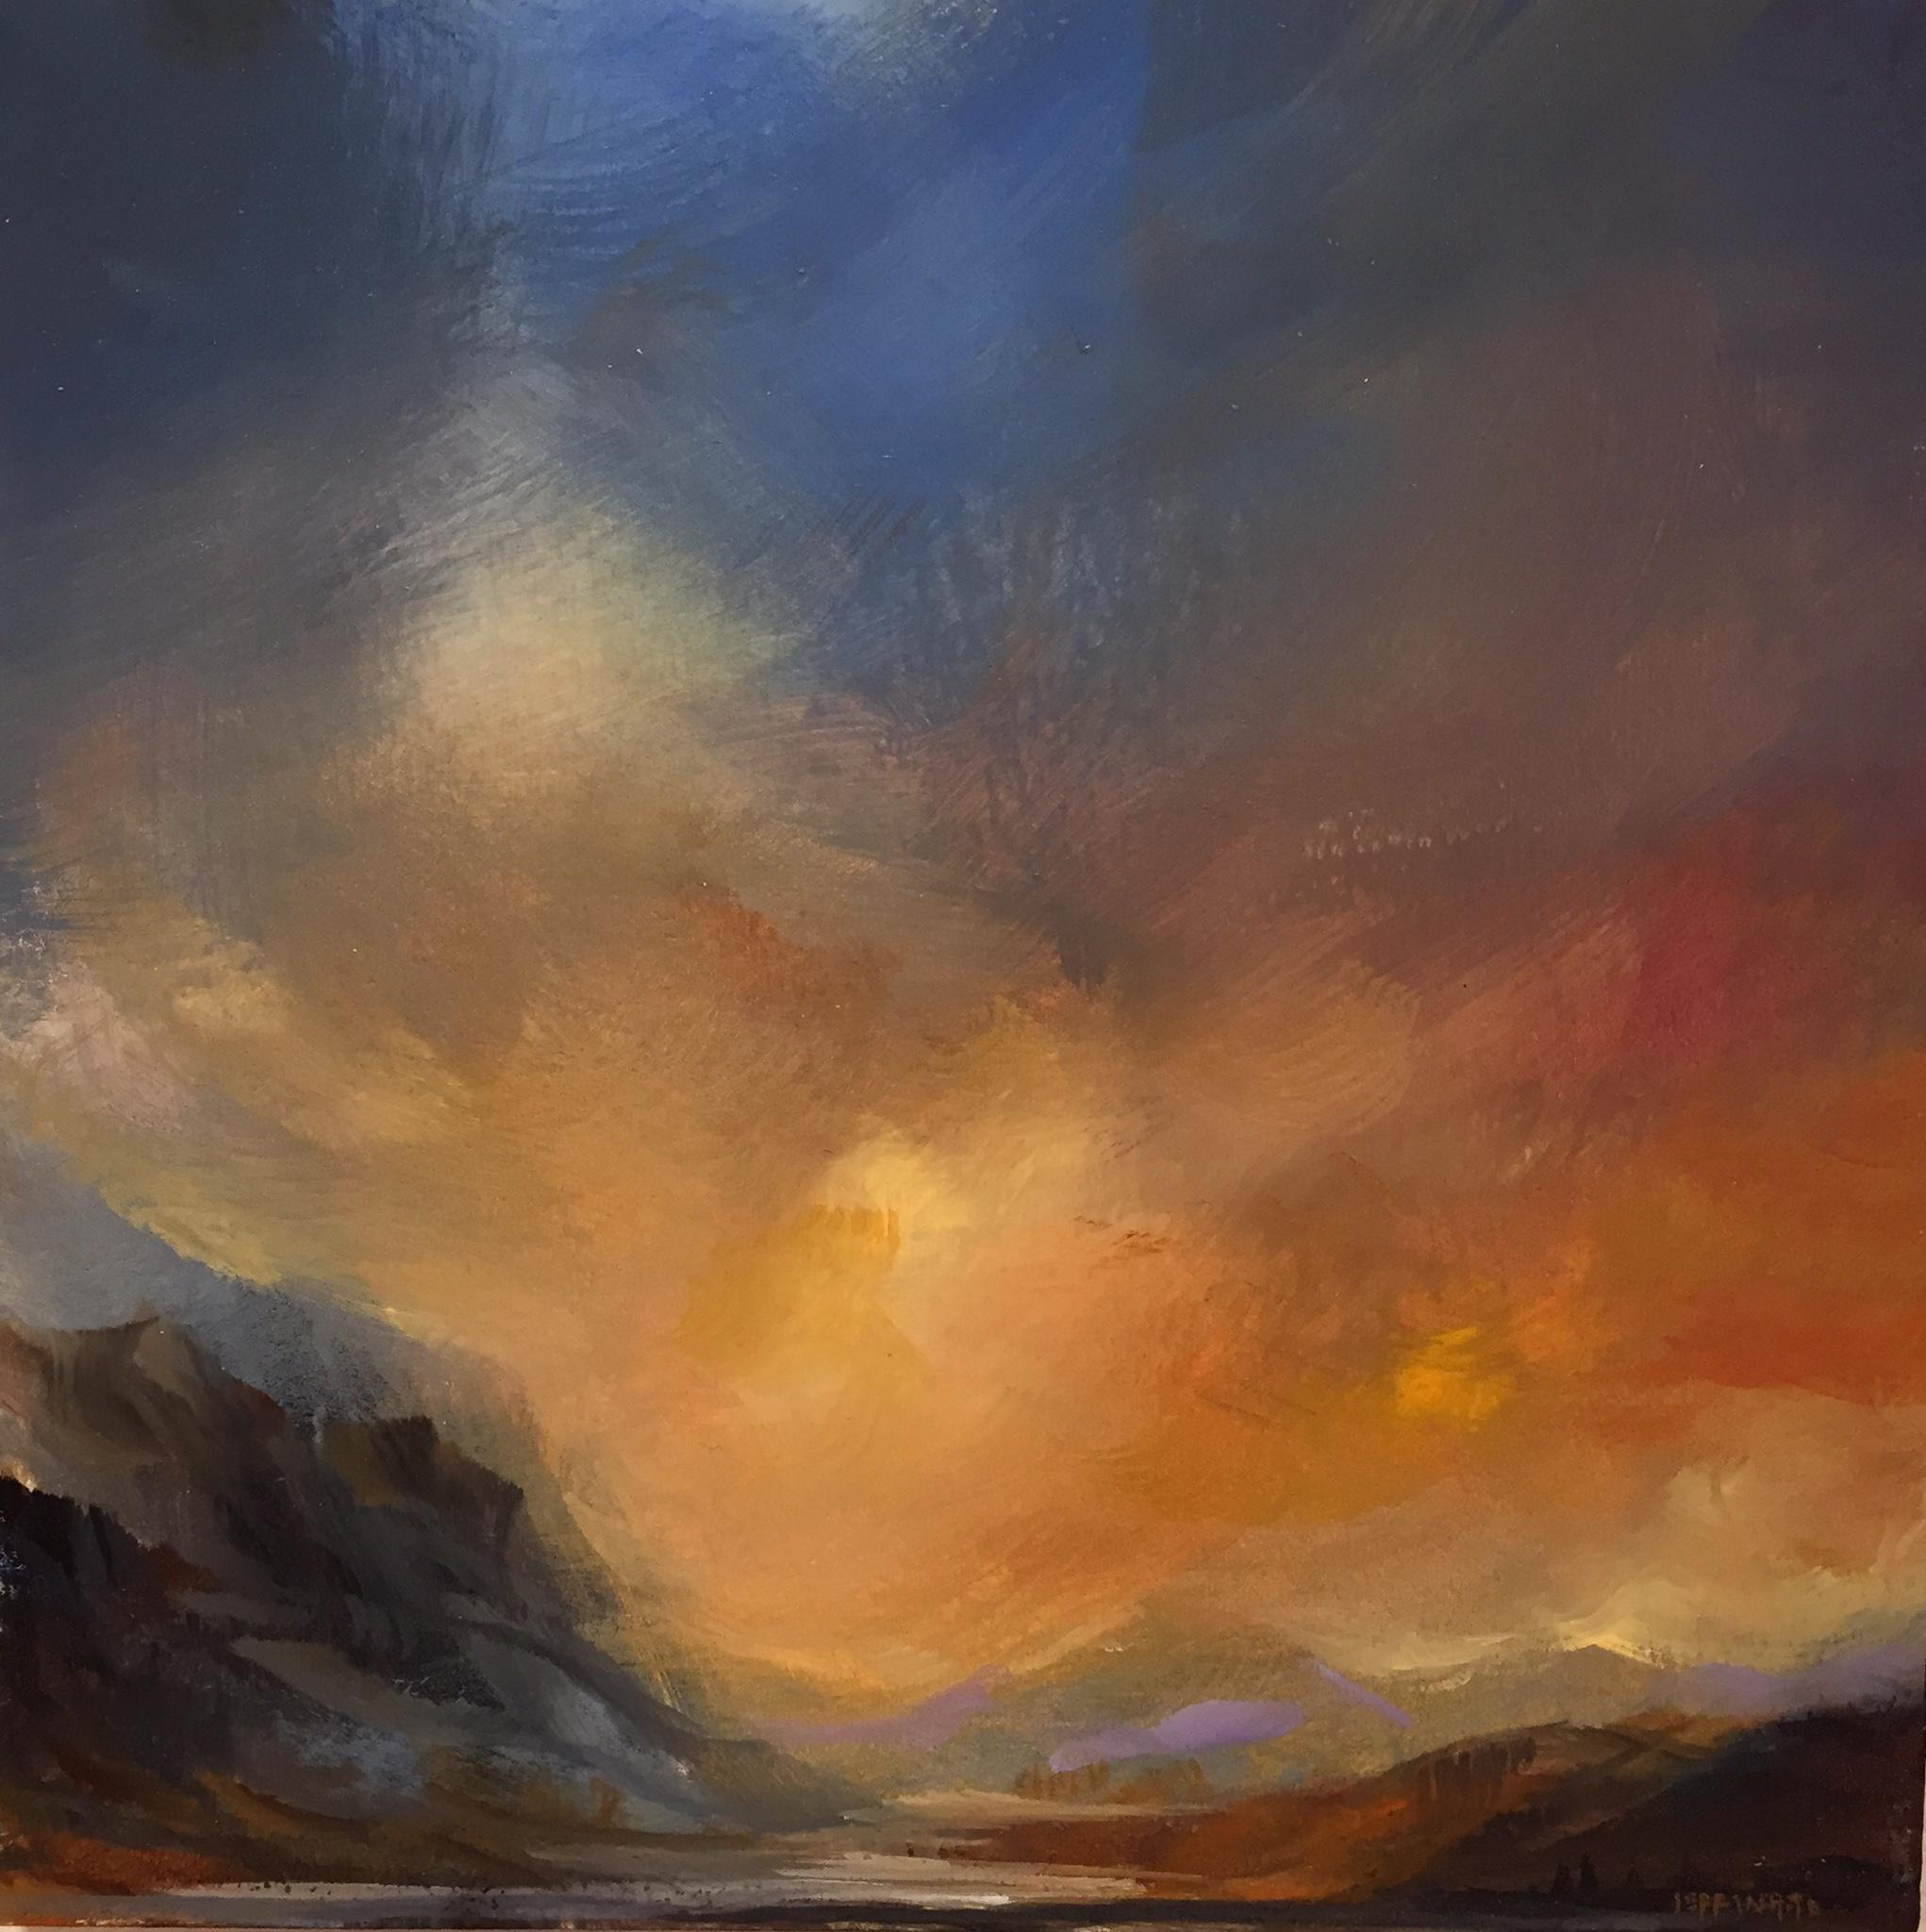 Impression of the Gorge V